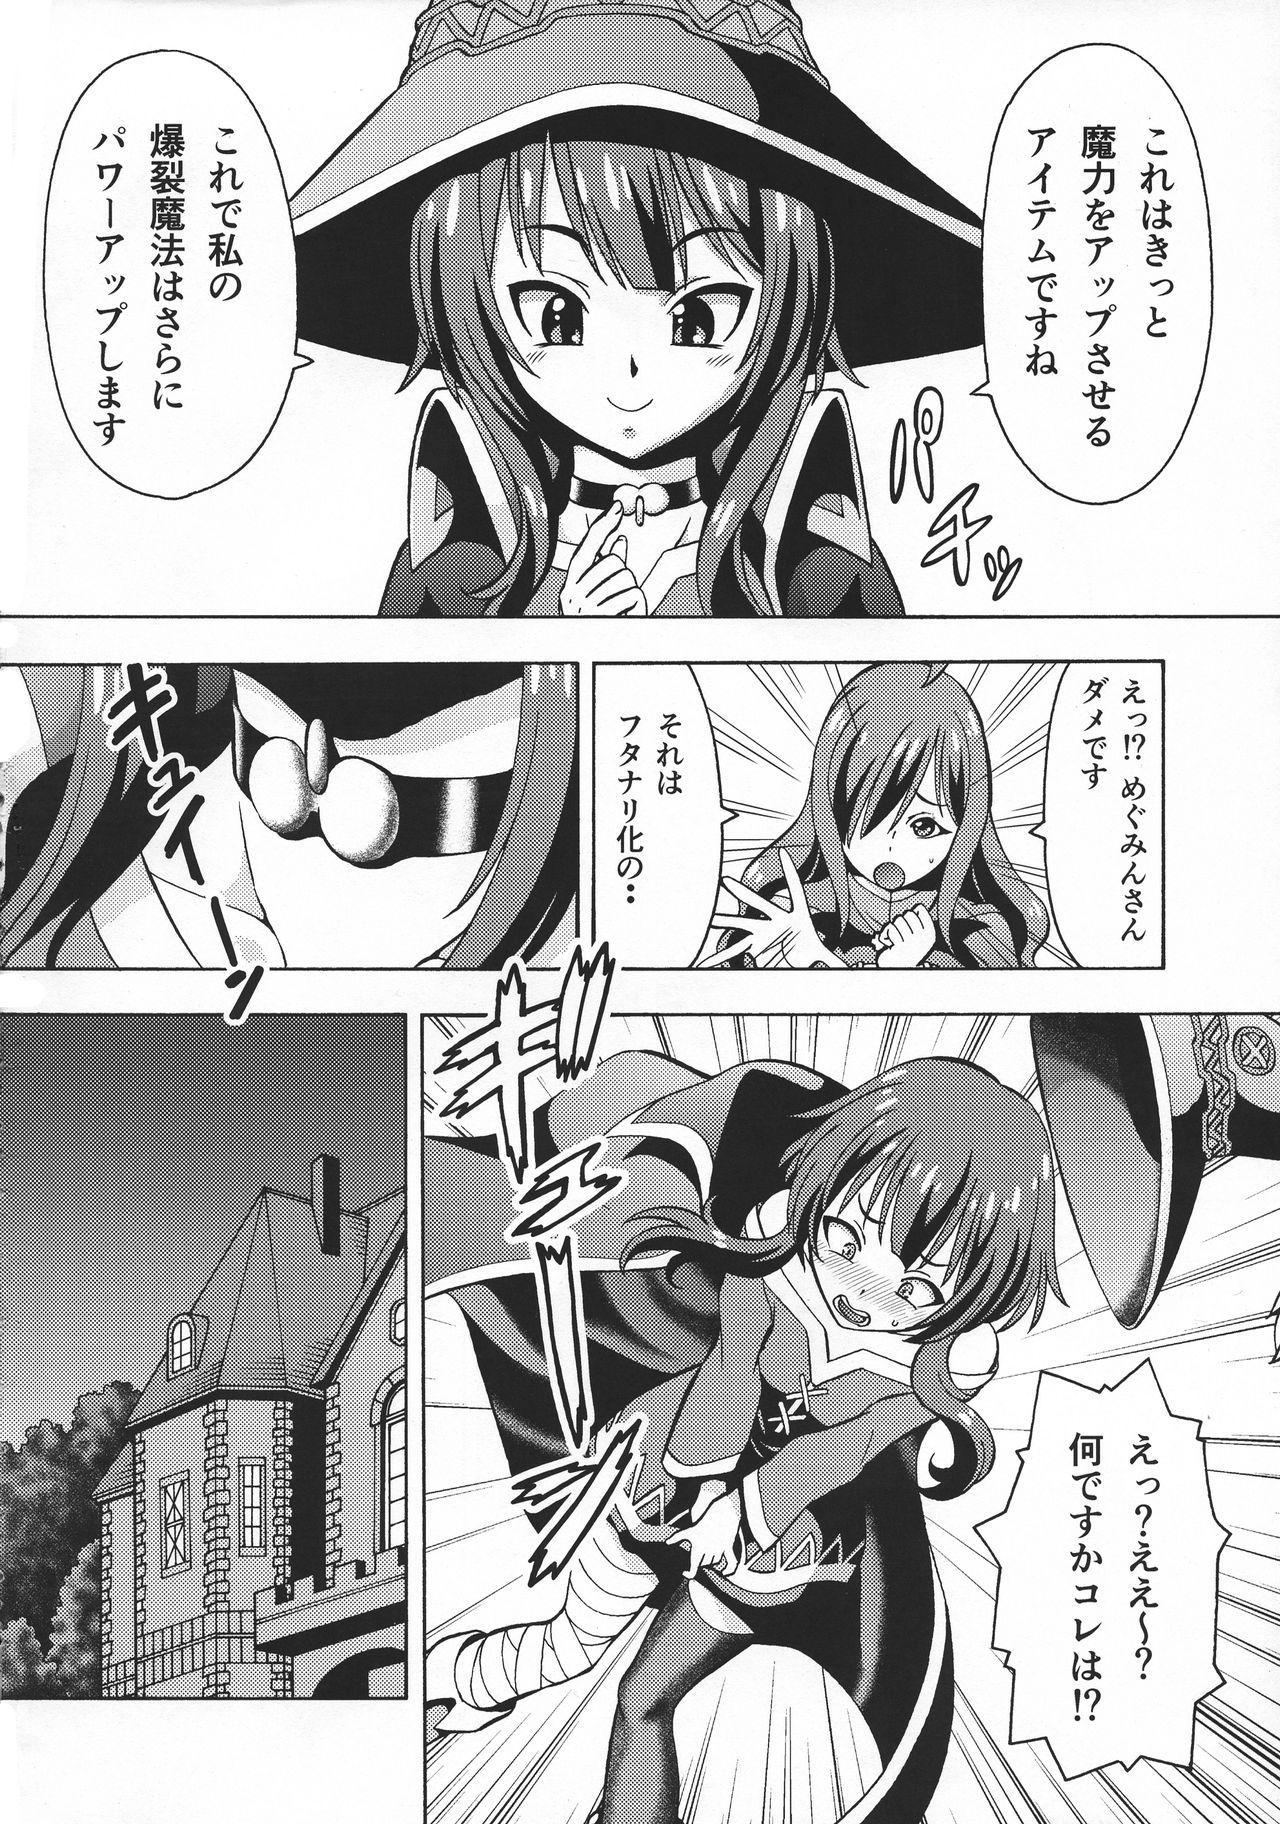 Ero Subarashii Sekai ni Nakadashi o! 6 FUTASUBA 3